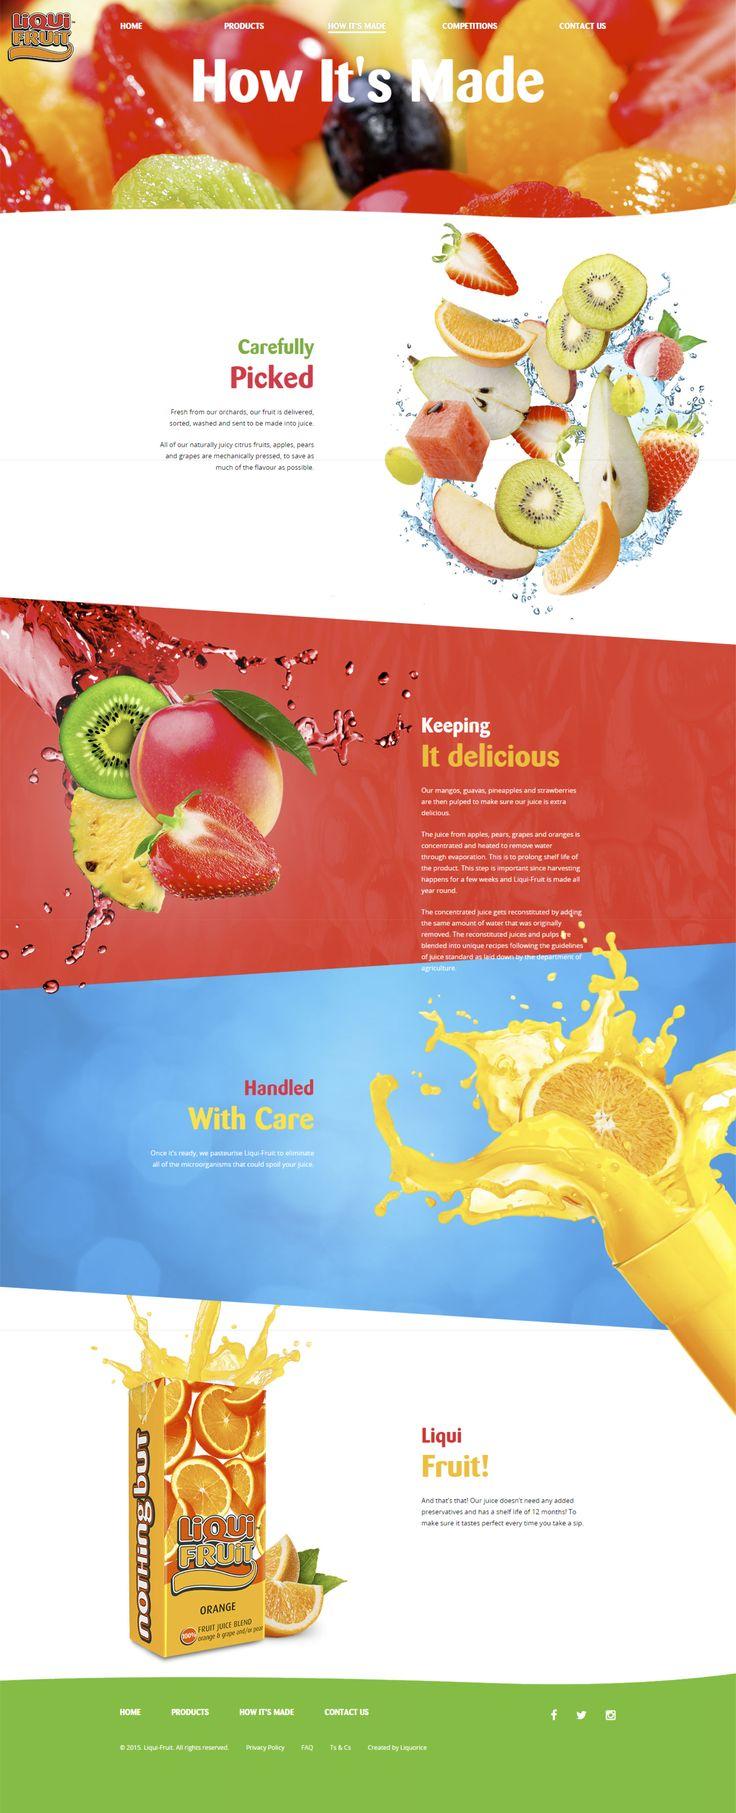 Liqui Fruit | How It's Made